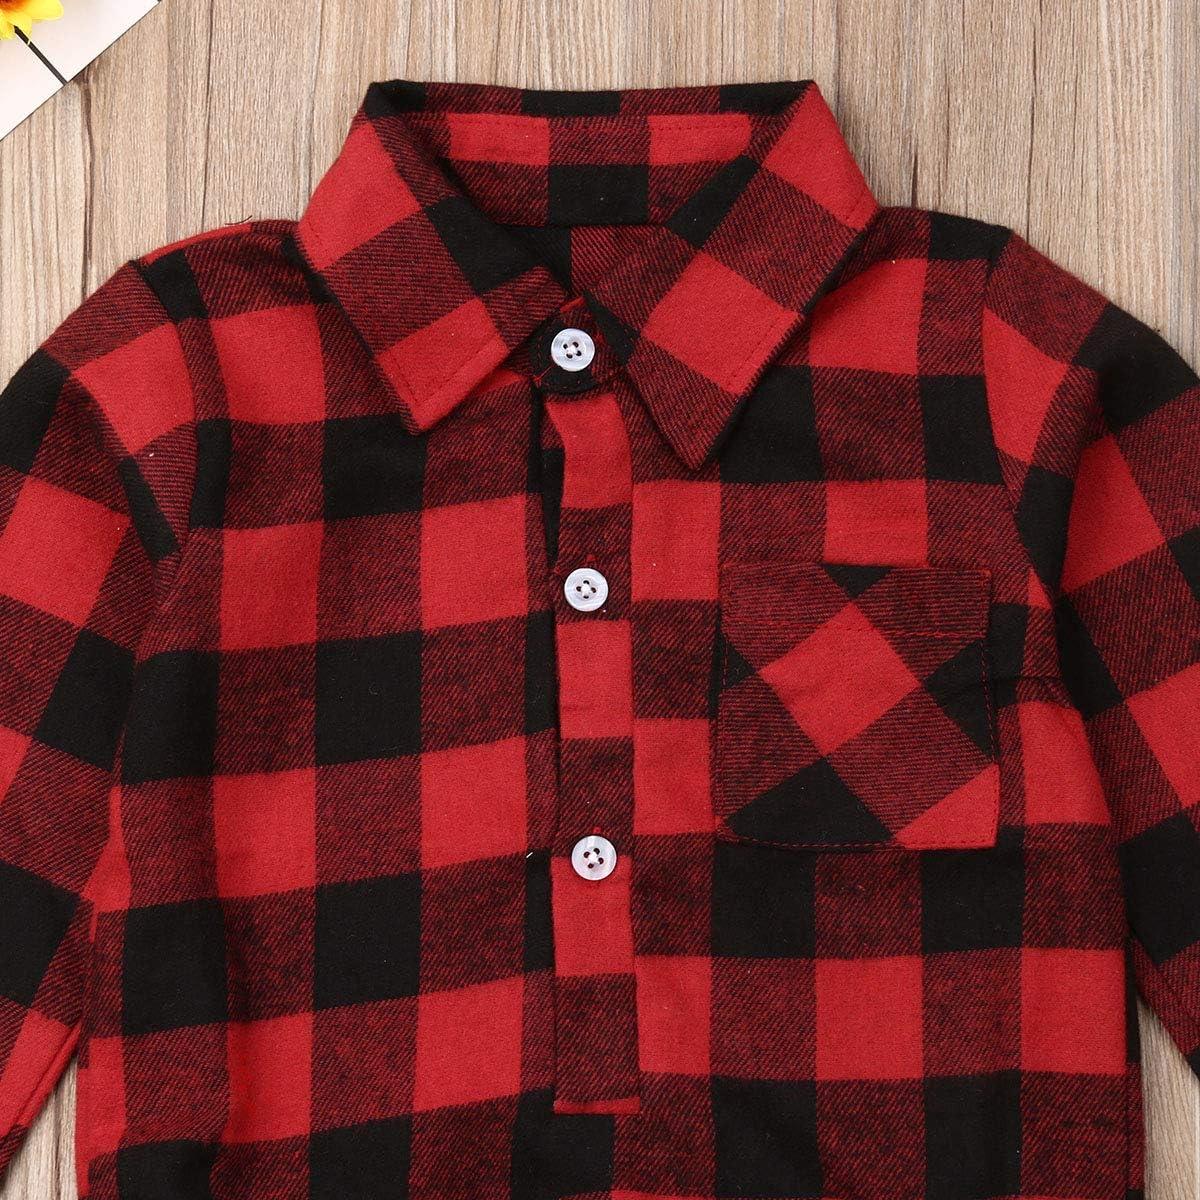 Baby M/ädchen Weihnachten Strampelh/öschen Lang/ärmlige Karierte Bodysuit-Shirts f/ür Kleinkinder